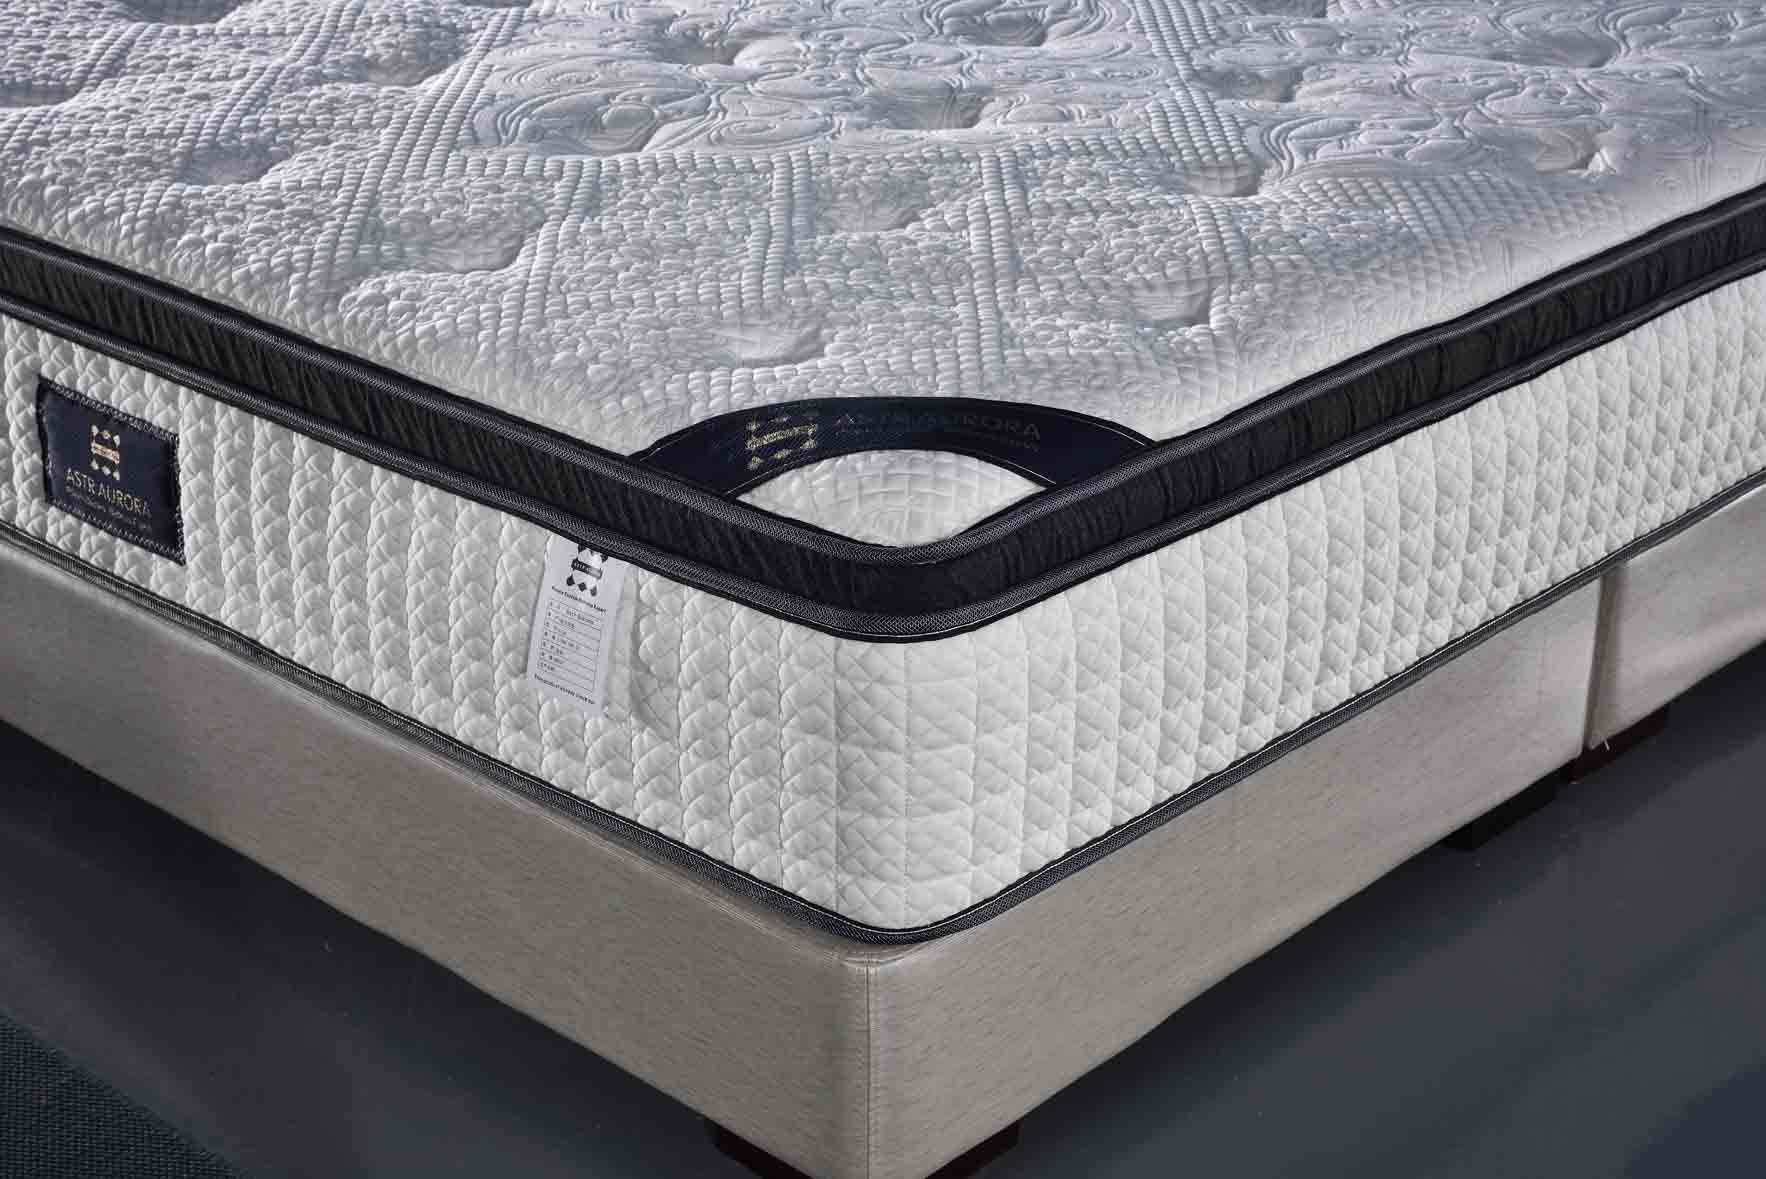 贵州优质弹簧床垫多少钱 苏州星夜家居科技供应